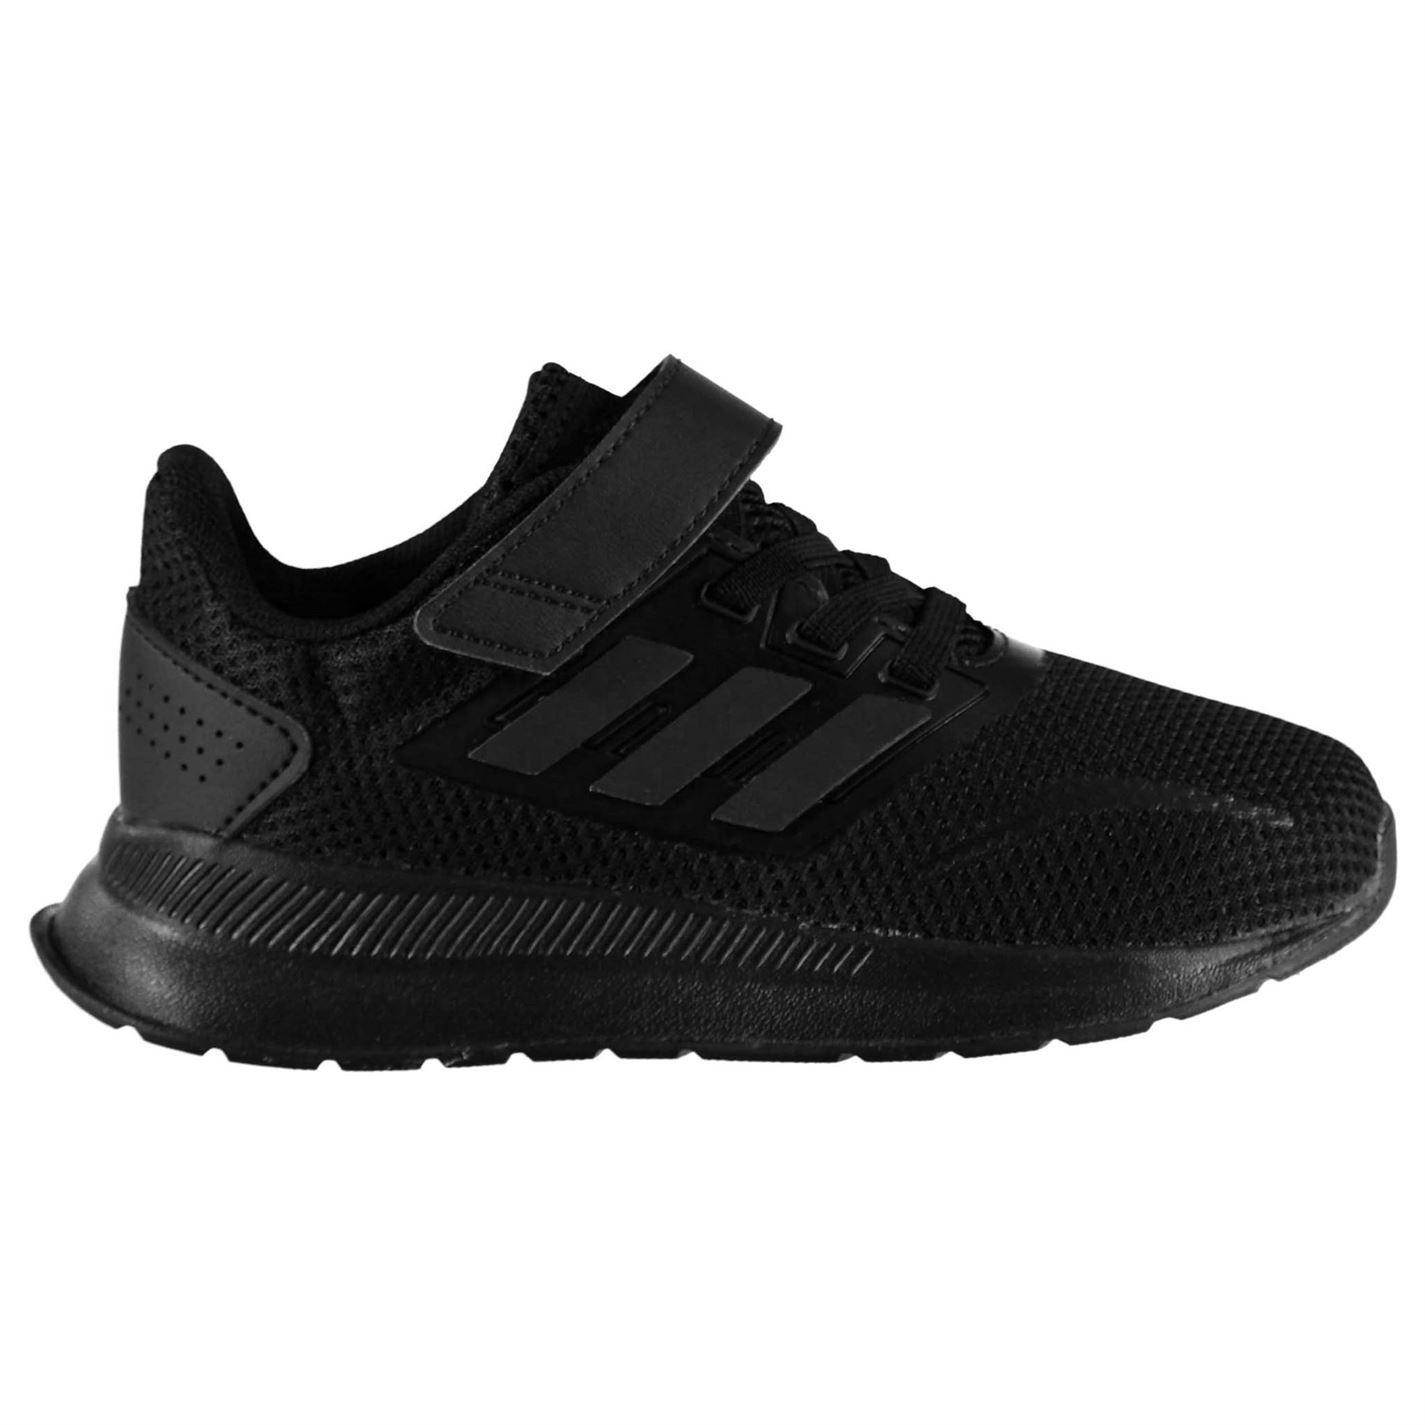 scarpe adidas 49 1/3